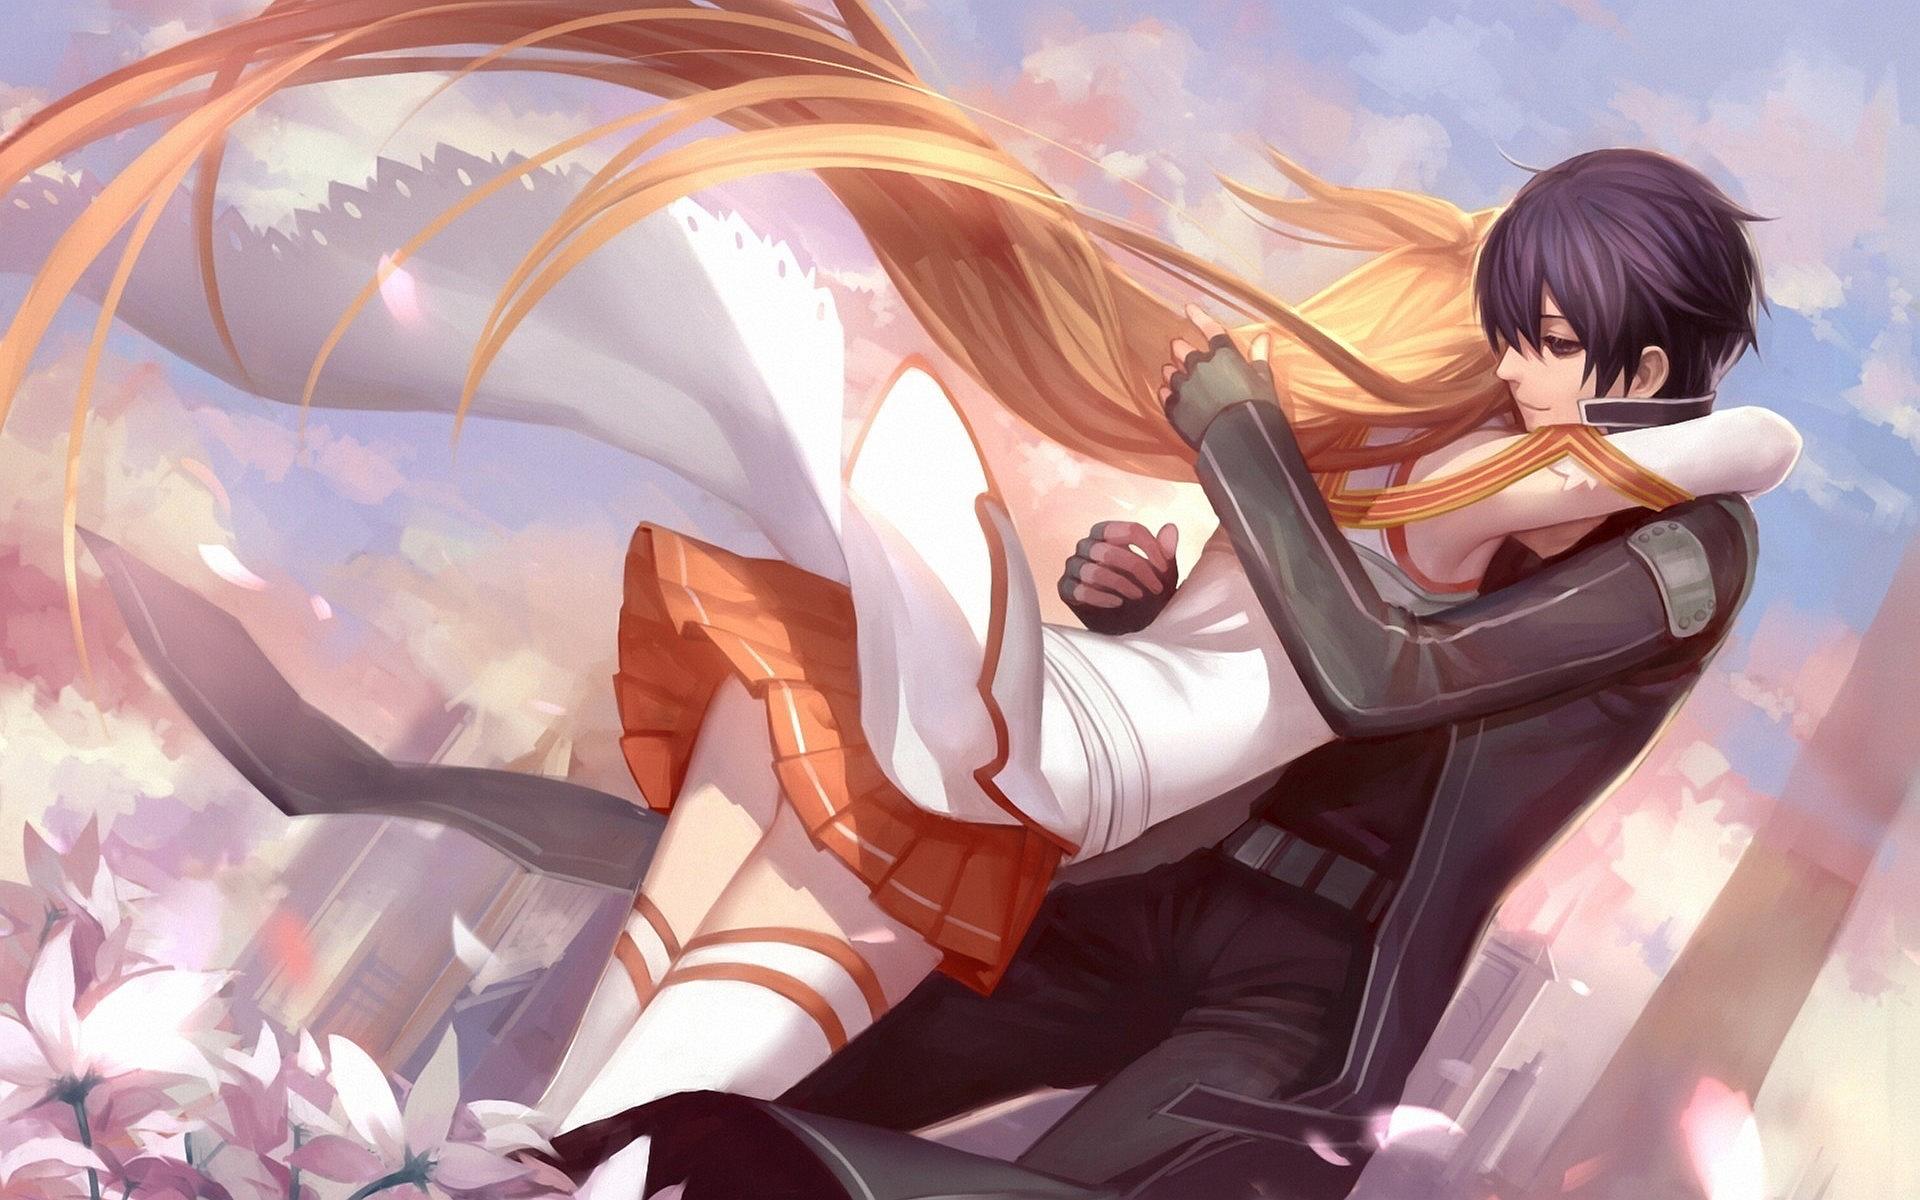 Yuuki asuna kirigaya kazuto hug